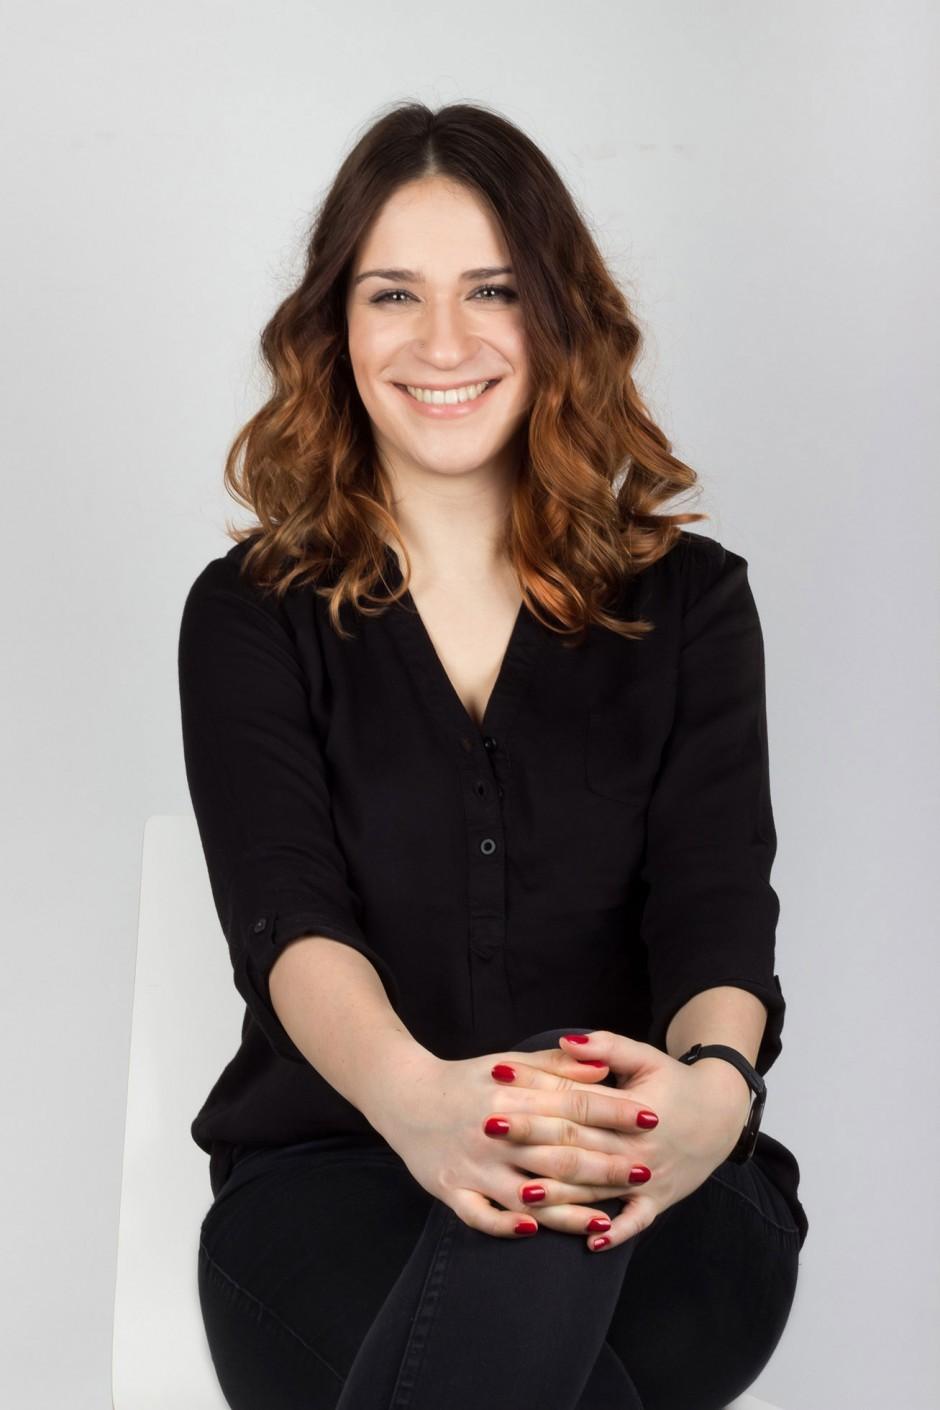 Studentin der ecosign/Akademie für Gestaltung und Erfinderin der App